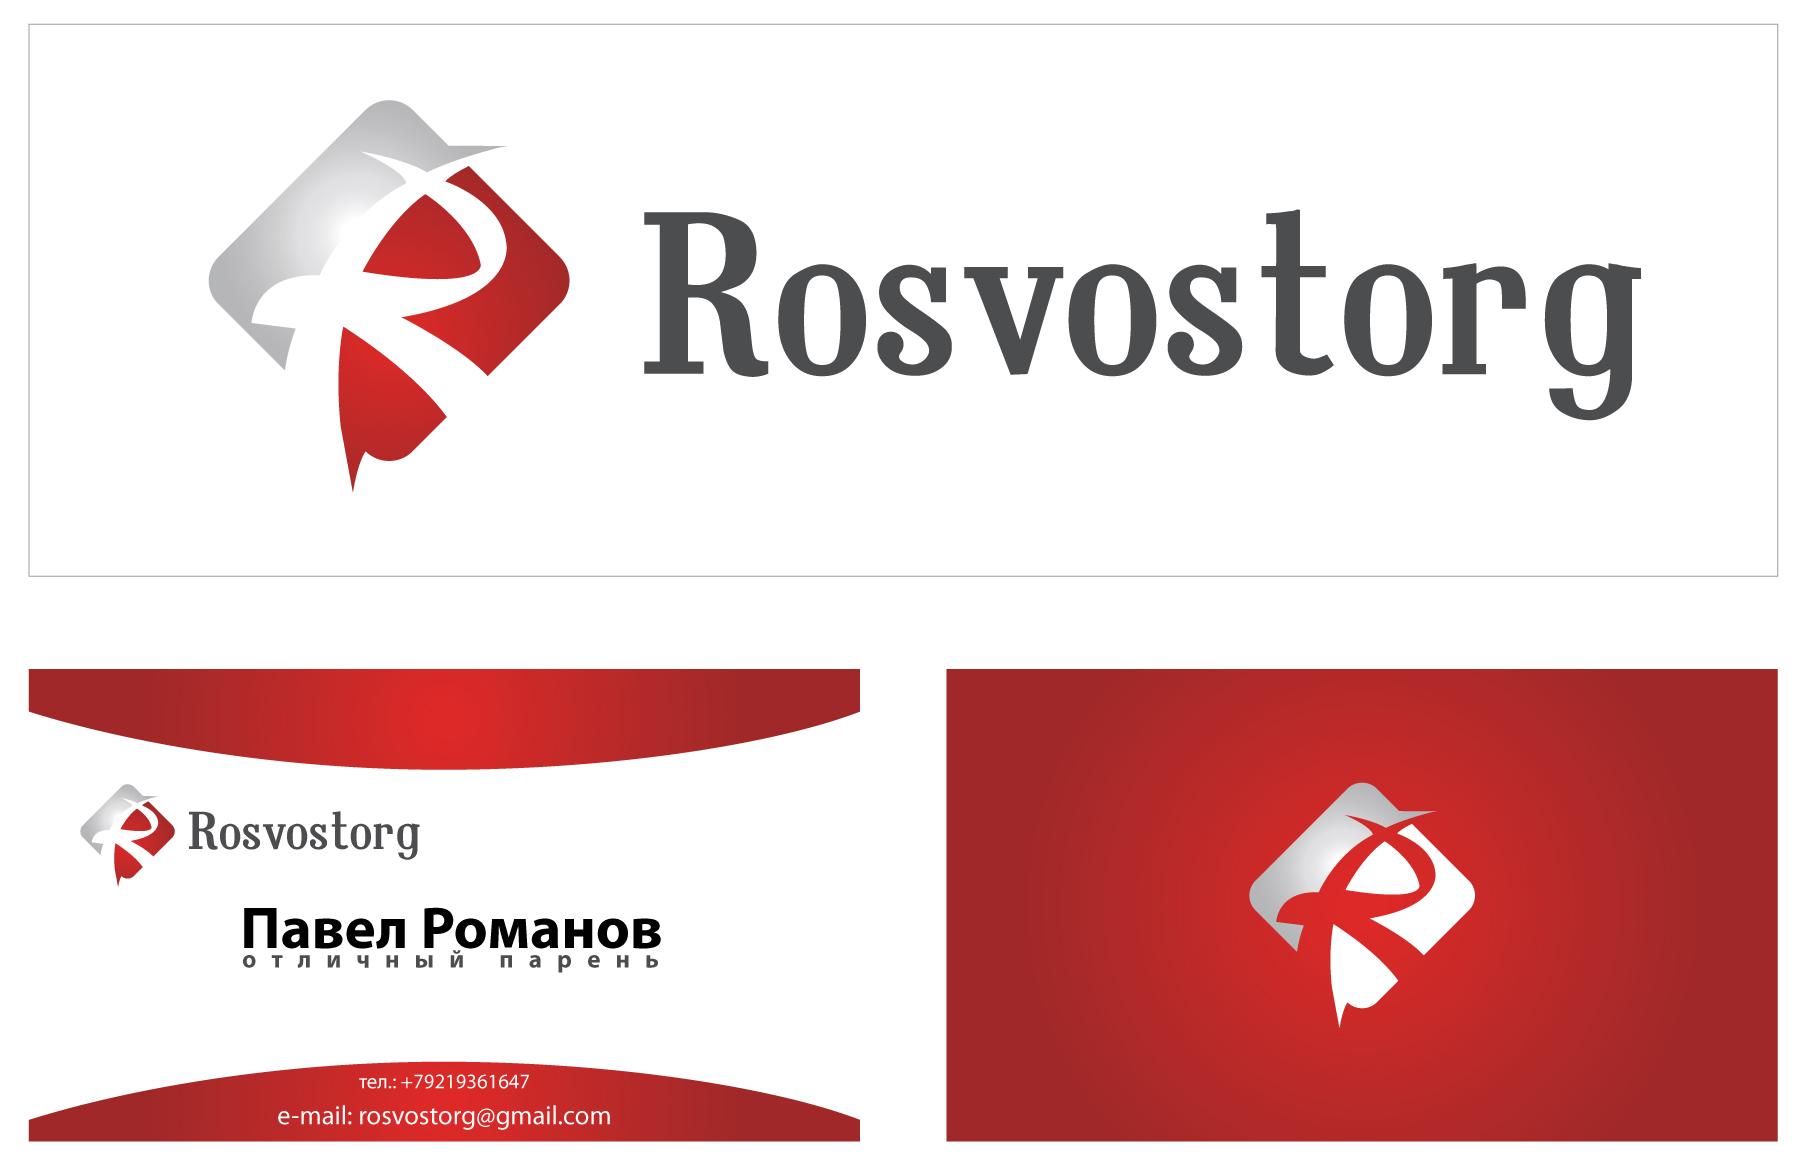 Логотип для компании Росвосторг. Интересные перспективы. фото f_4f8892b3a91a4.jpg